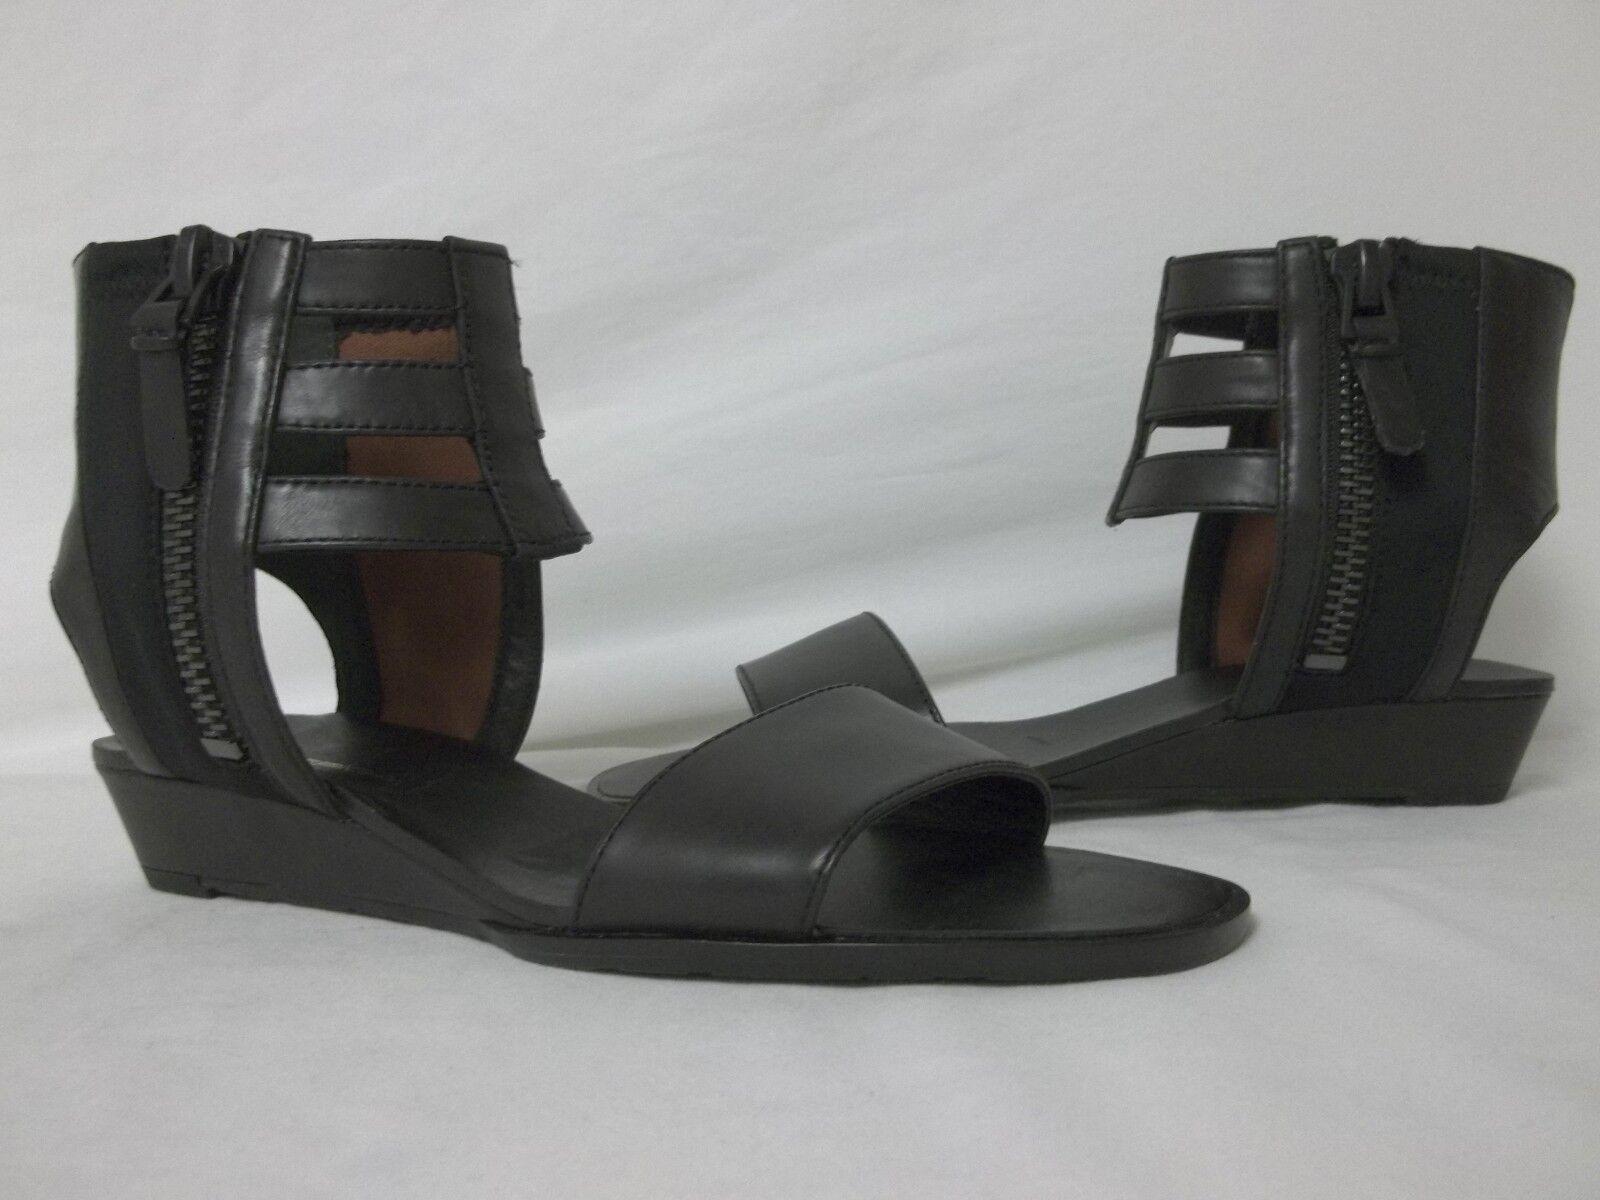 Via Spiga 6 M Patrice en Cuir Noir Spartiates Pour Femme Chaussures Neuf avec boîte